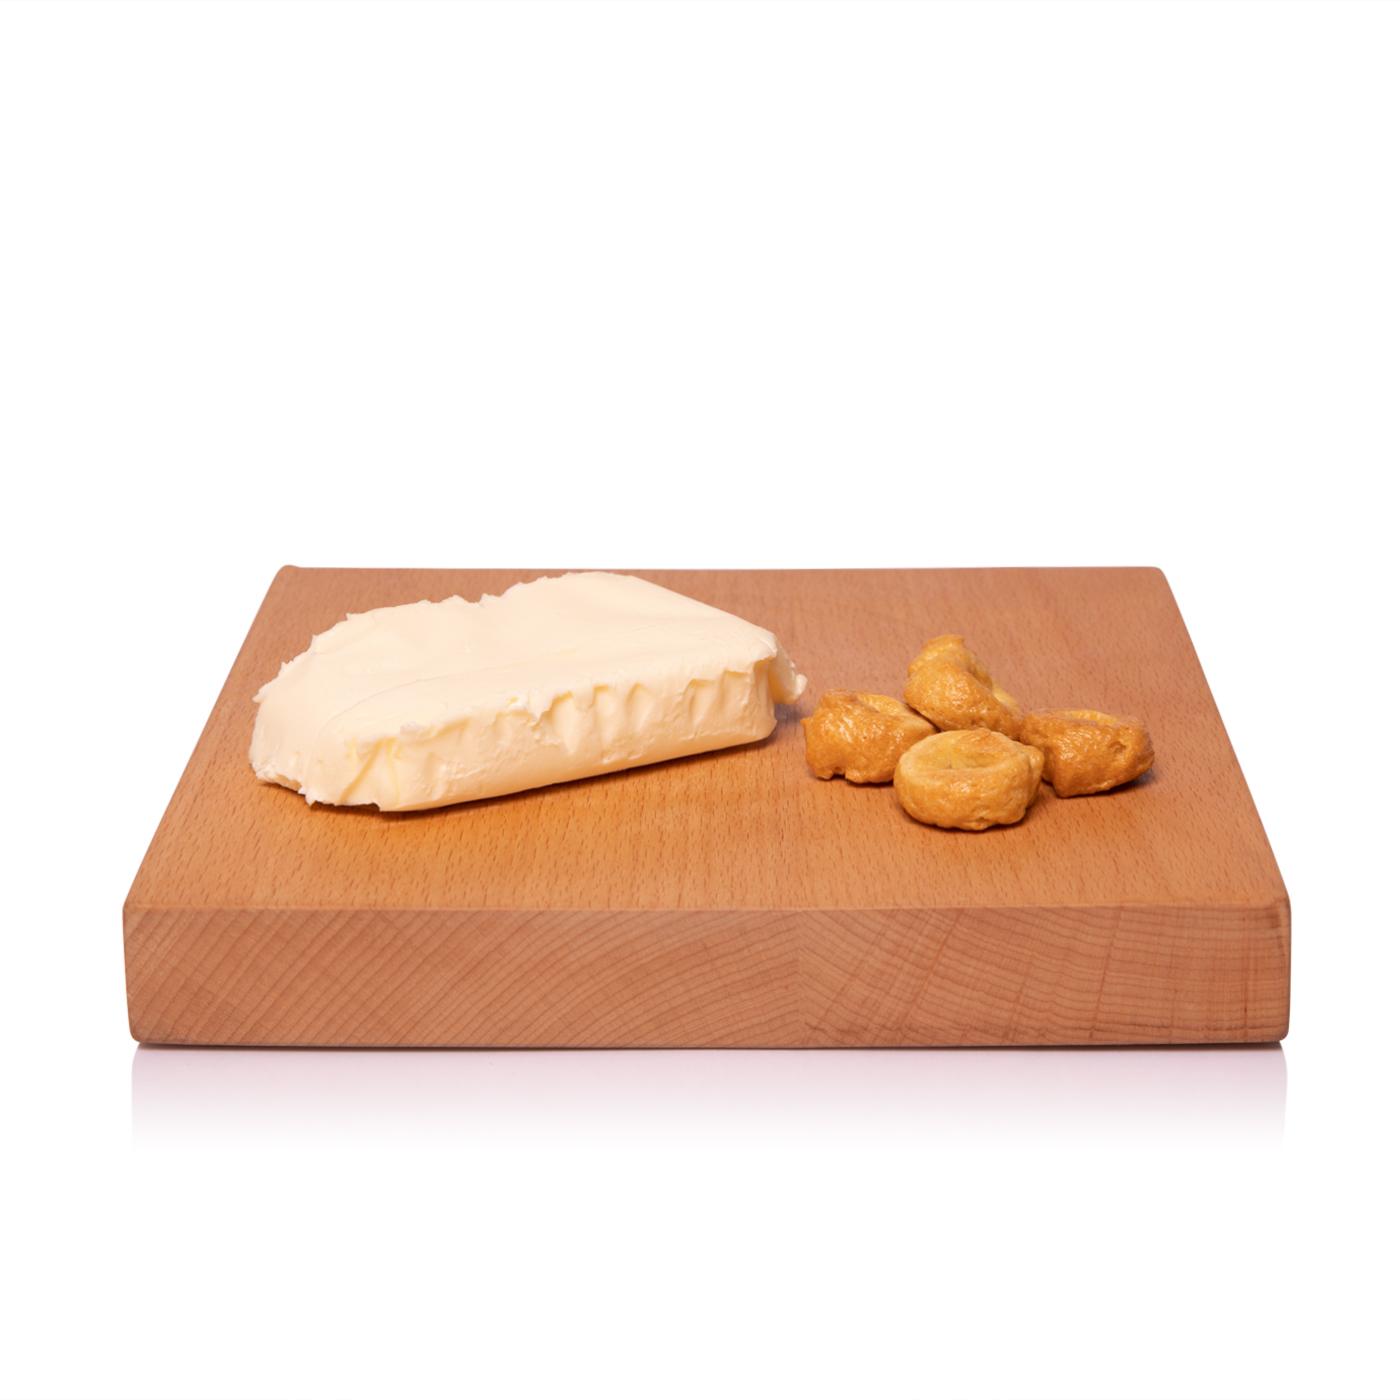 Fattorie Fiandino Burro Salato 1889 100g